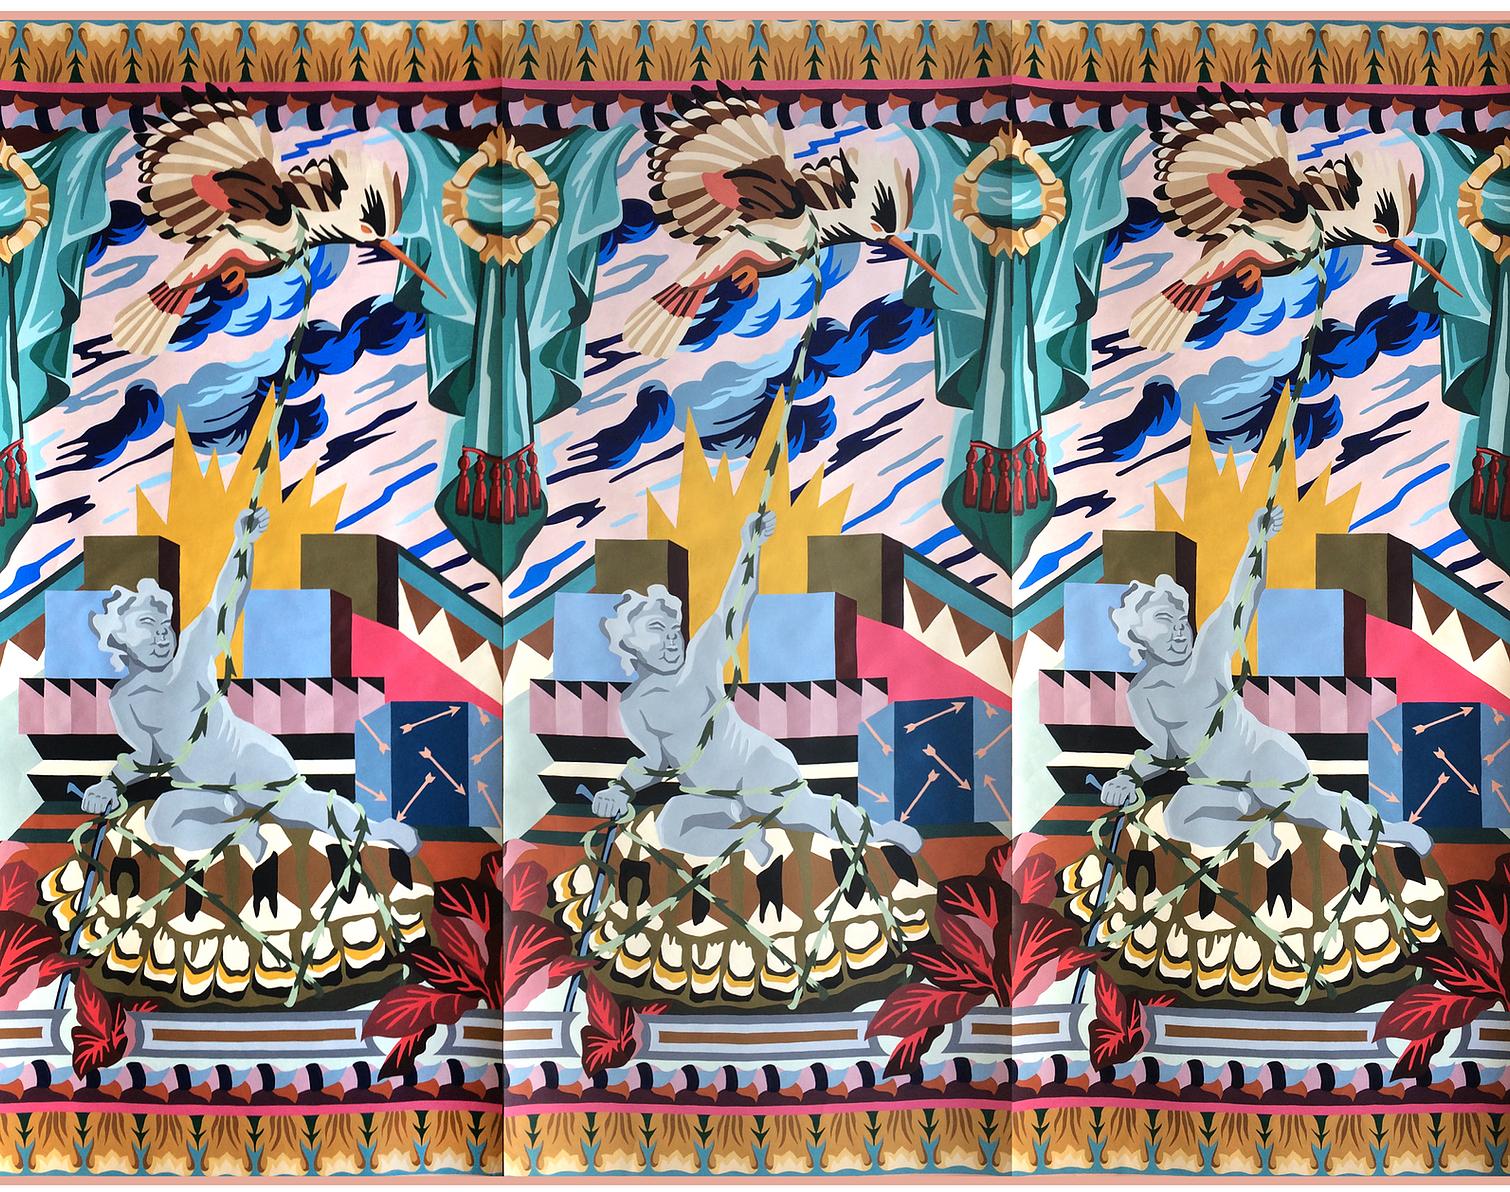 serie les papiers mains  tríptico #1  3 lés raccordés 65 cm x 150 cm 2019